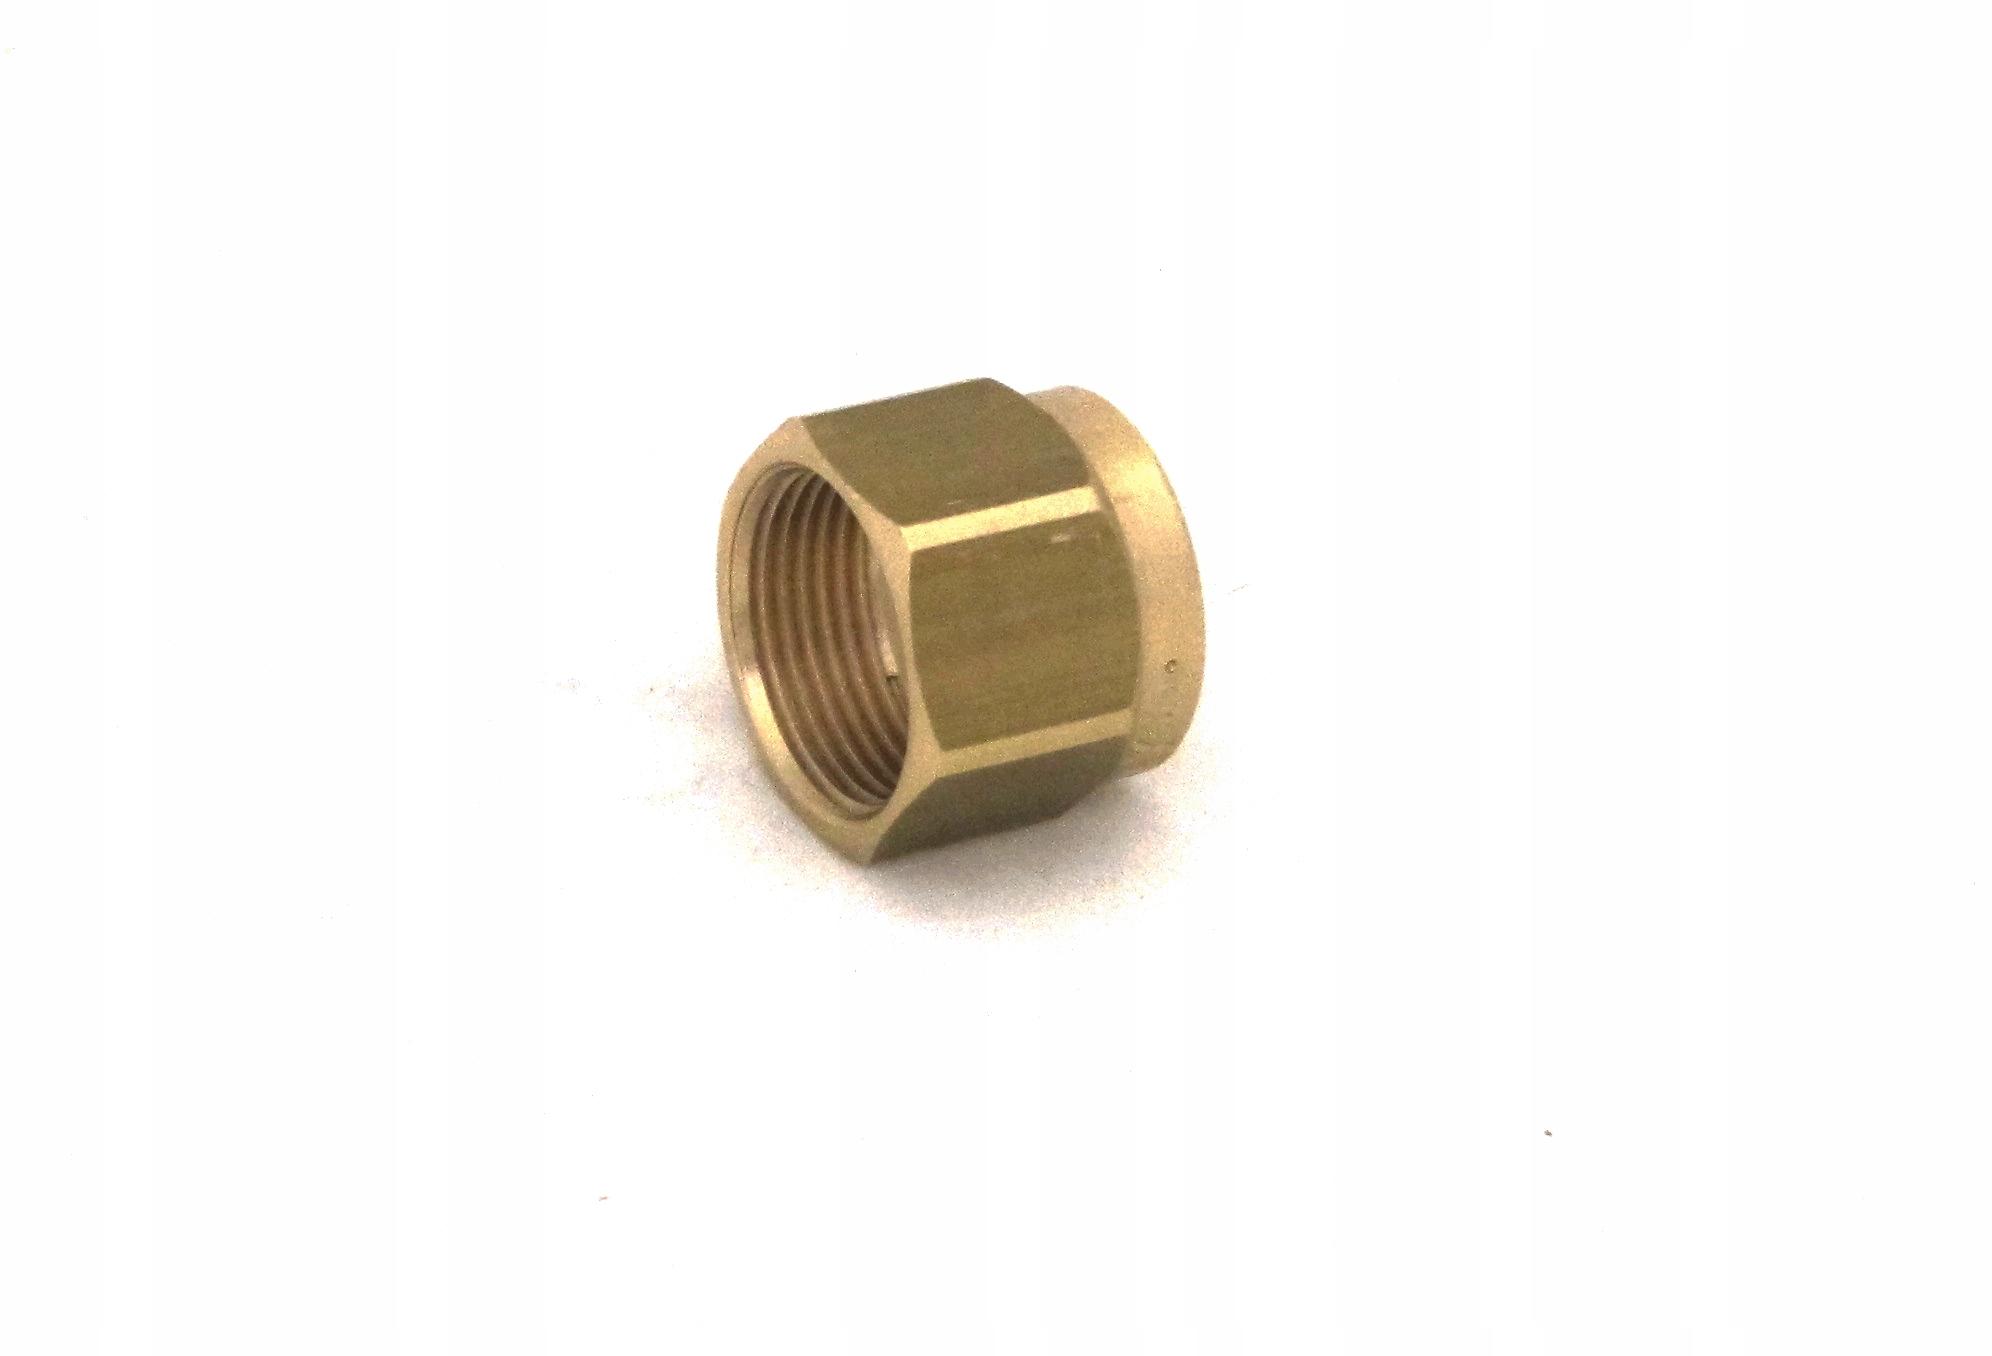 гайка колодка провода elastyczengo d6 faro